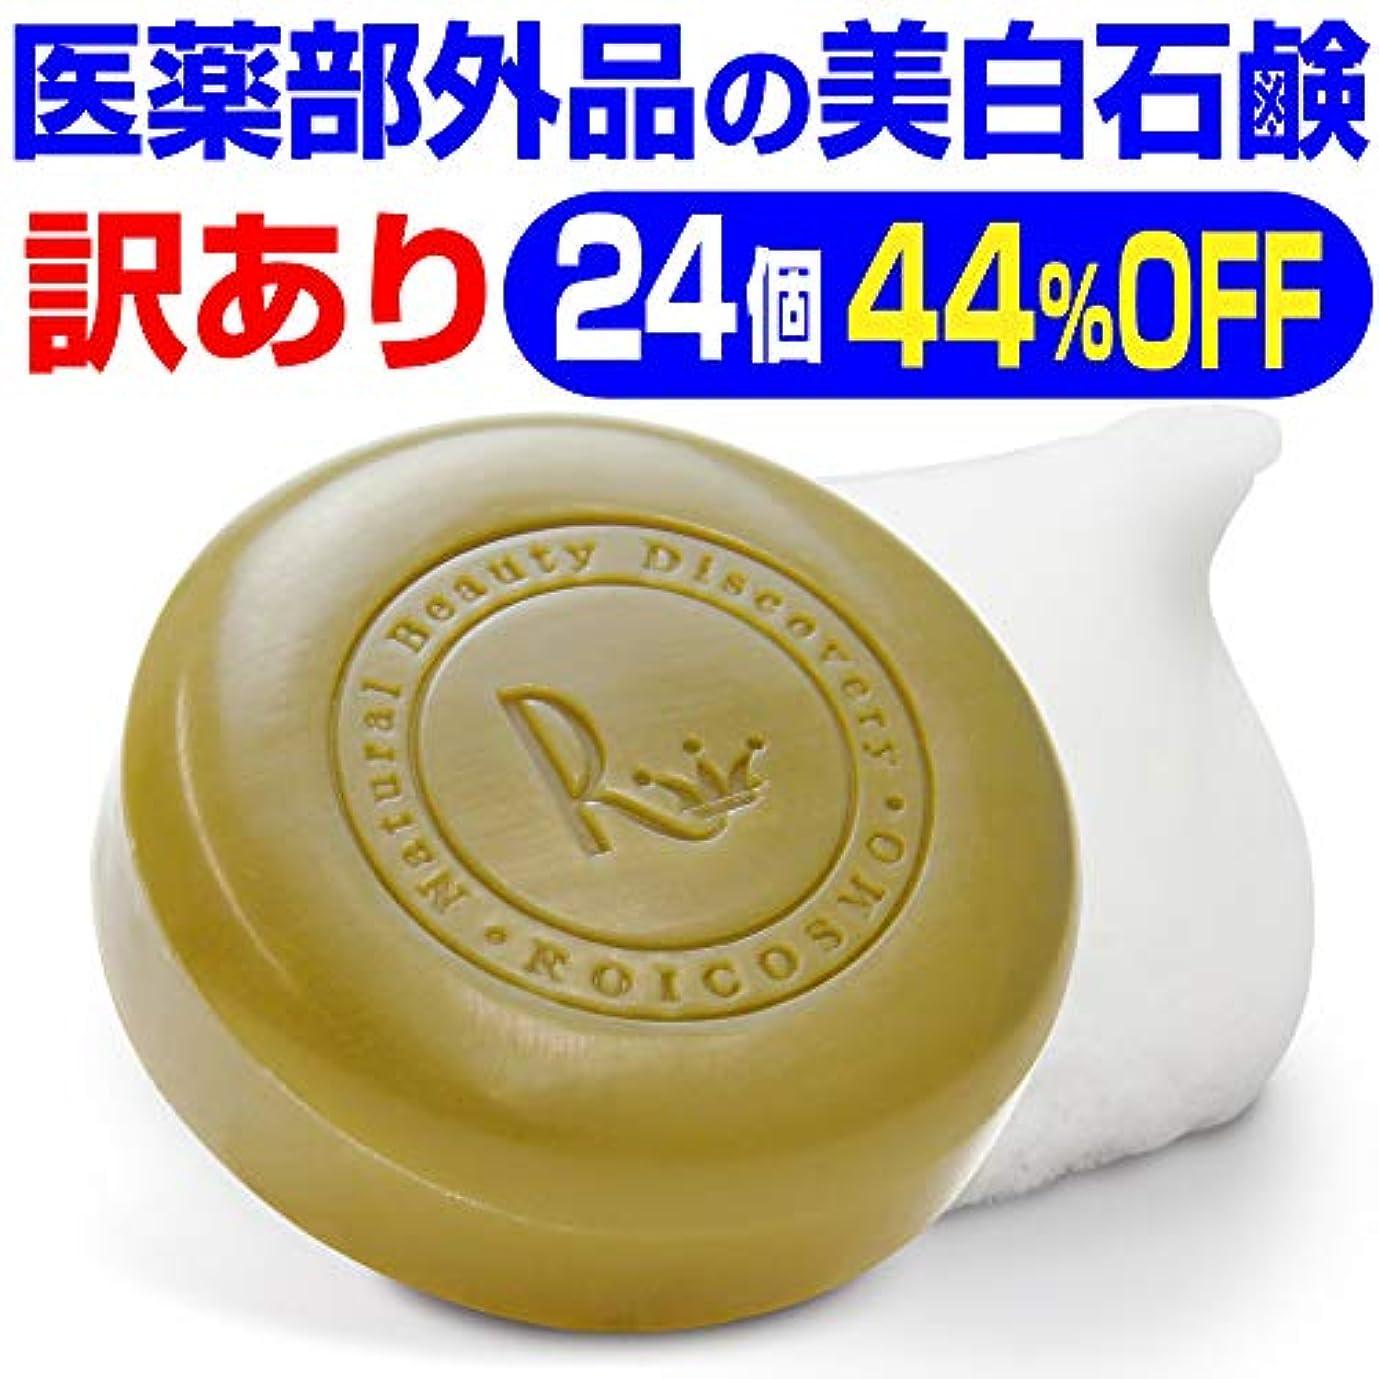 訳あり44%OFF(1個2,143円)売切れ御免 ビタミンC270倍の美白成分の 洗顔石鹸『ホワイトソープ100g×24個』